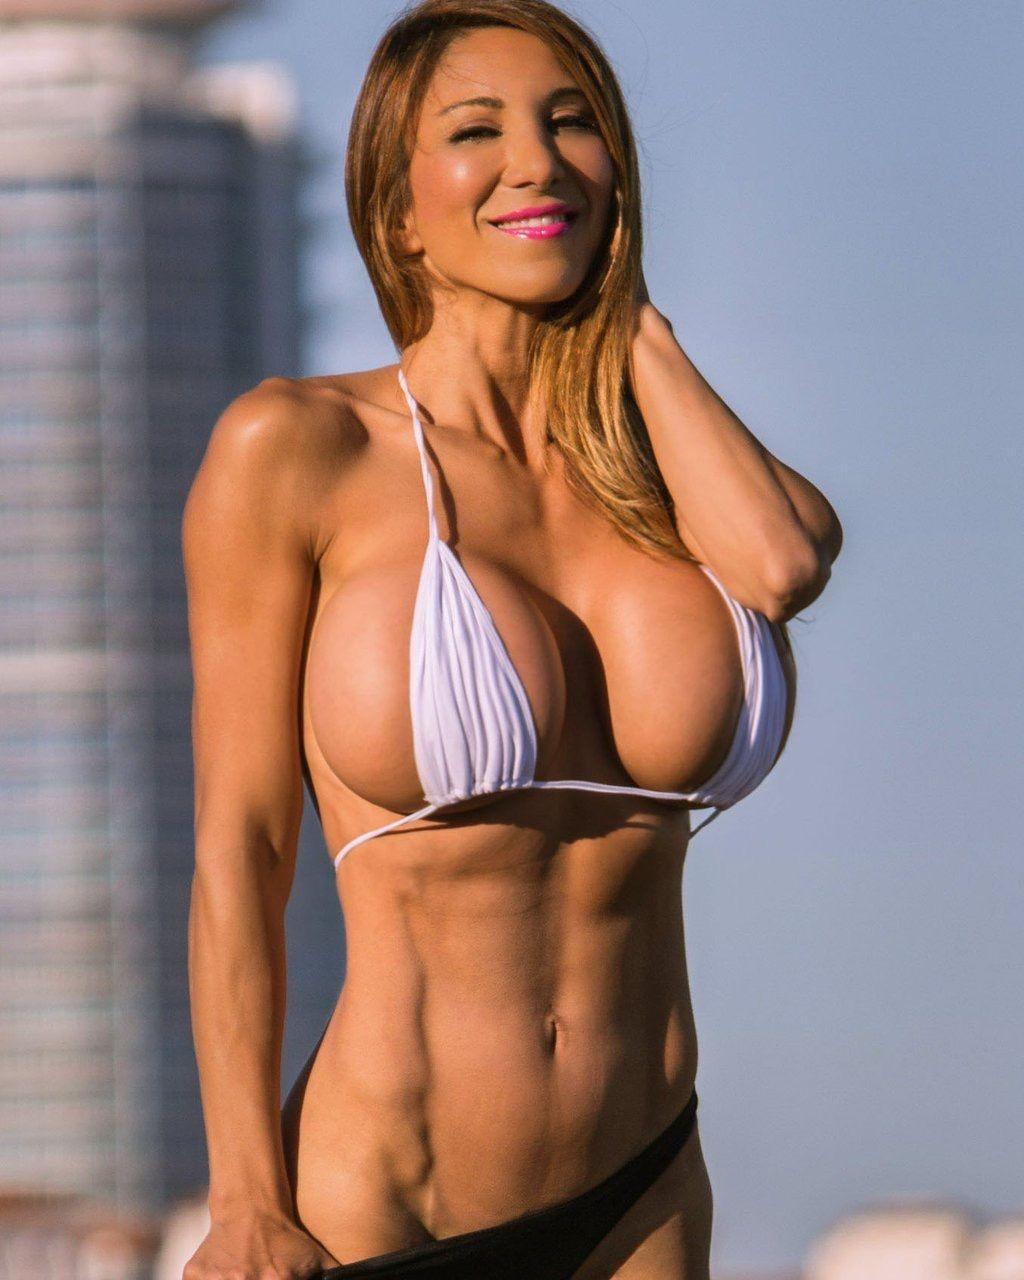 Perfect Body Porn Photo